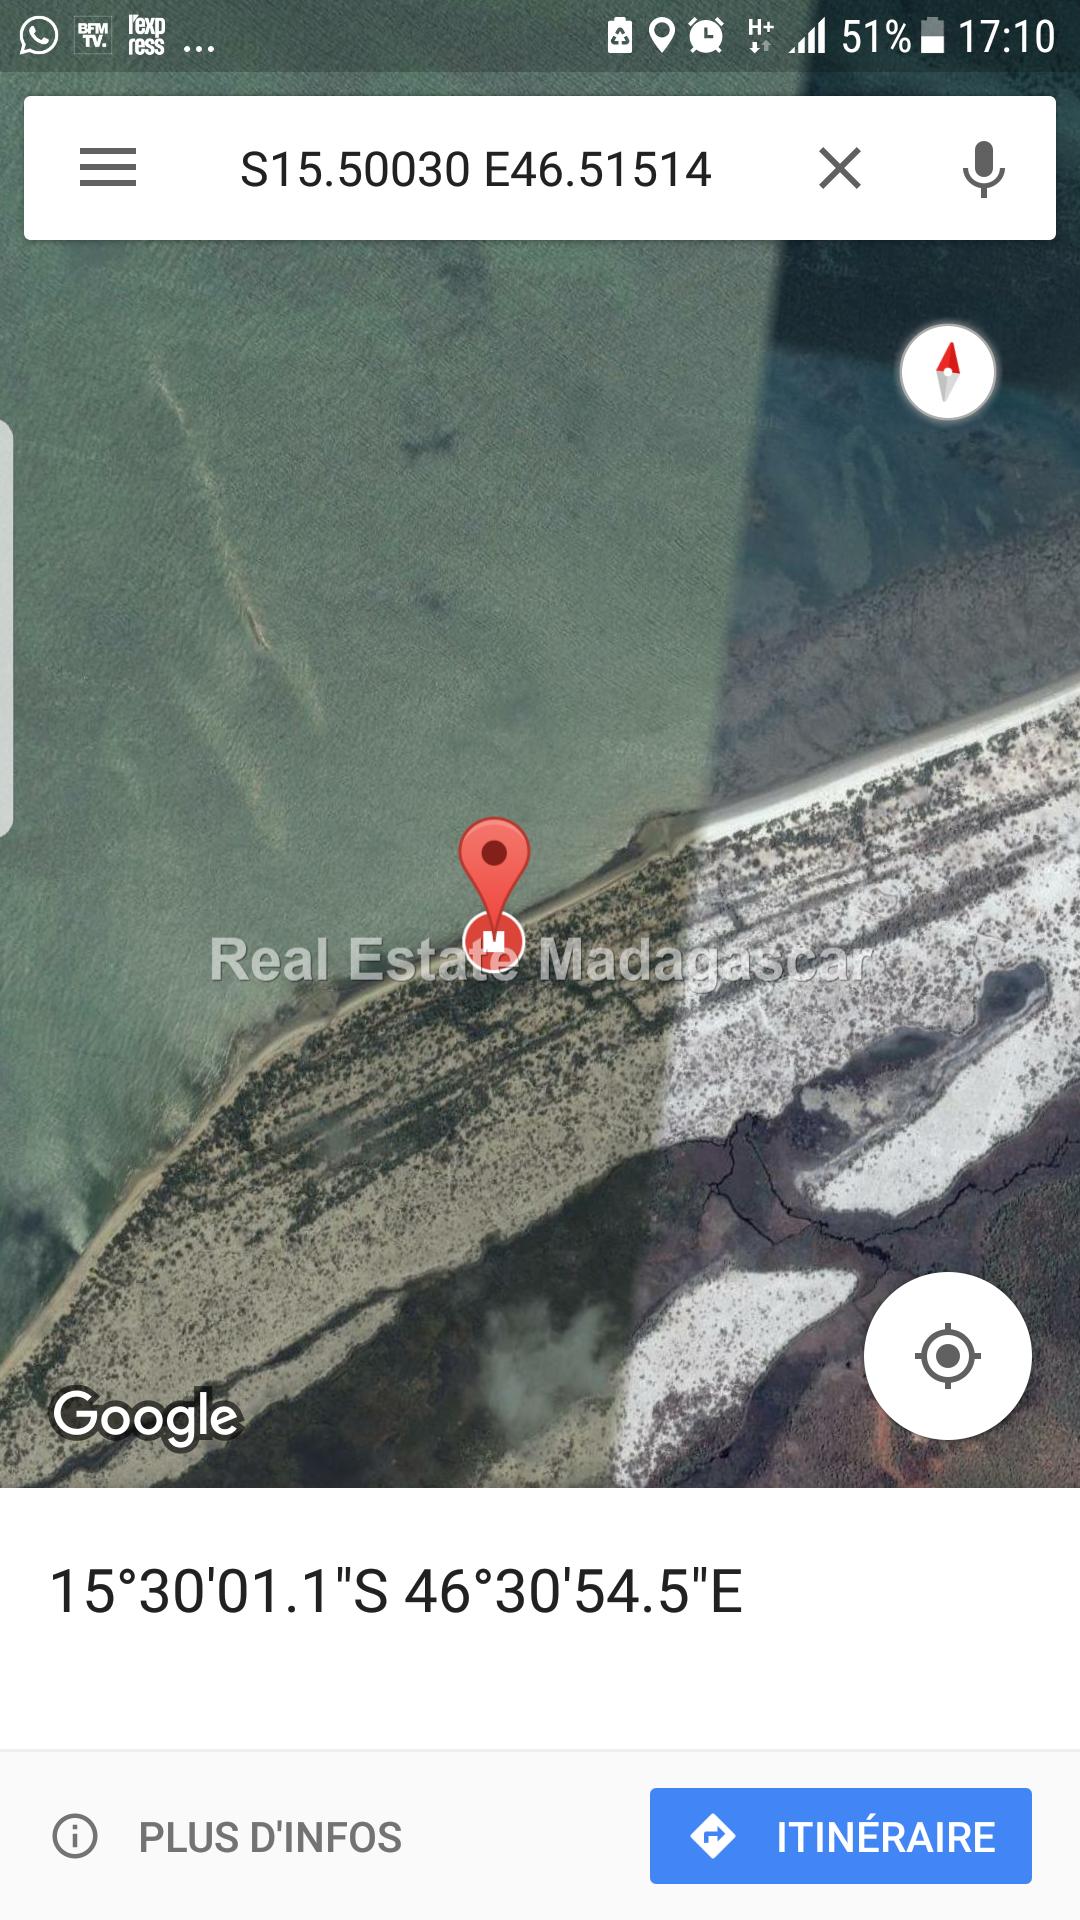 GPS Mariarano.png